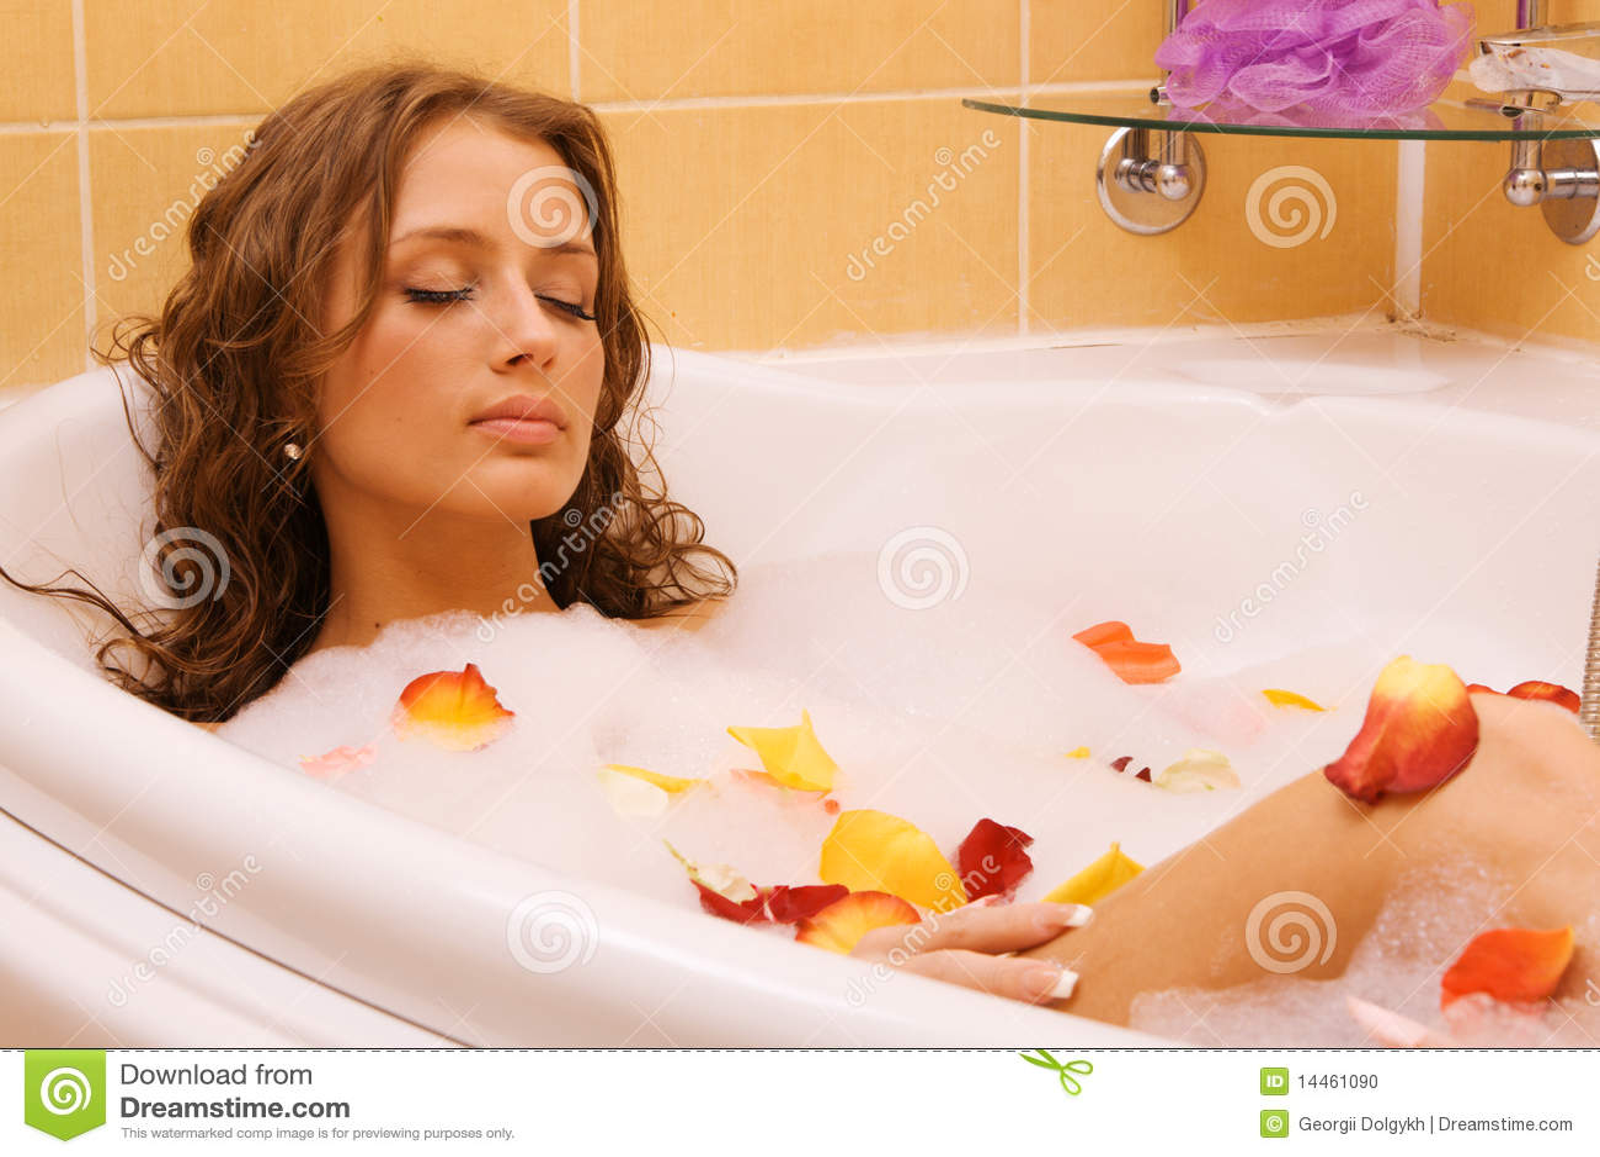 Девушка в ванной играет фото